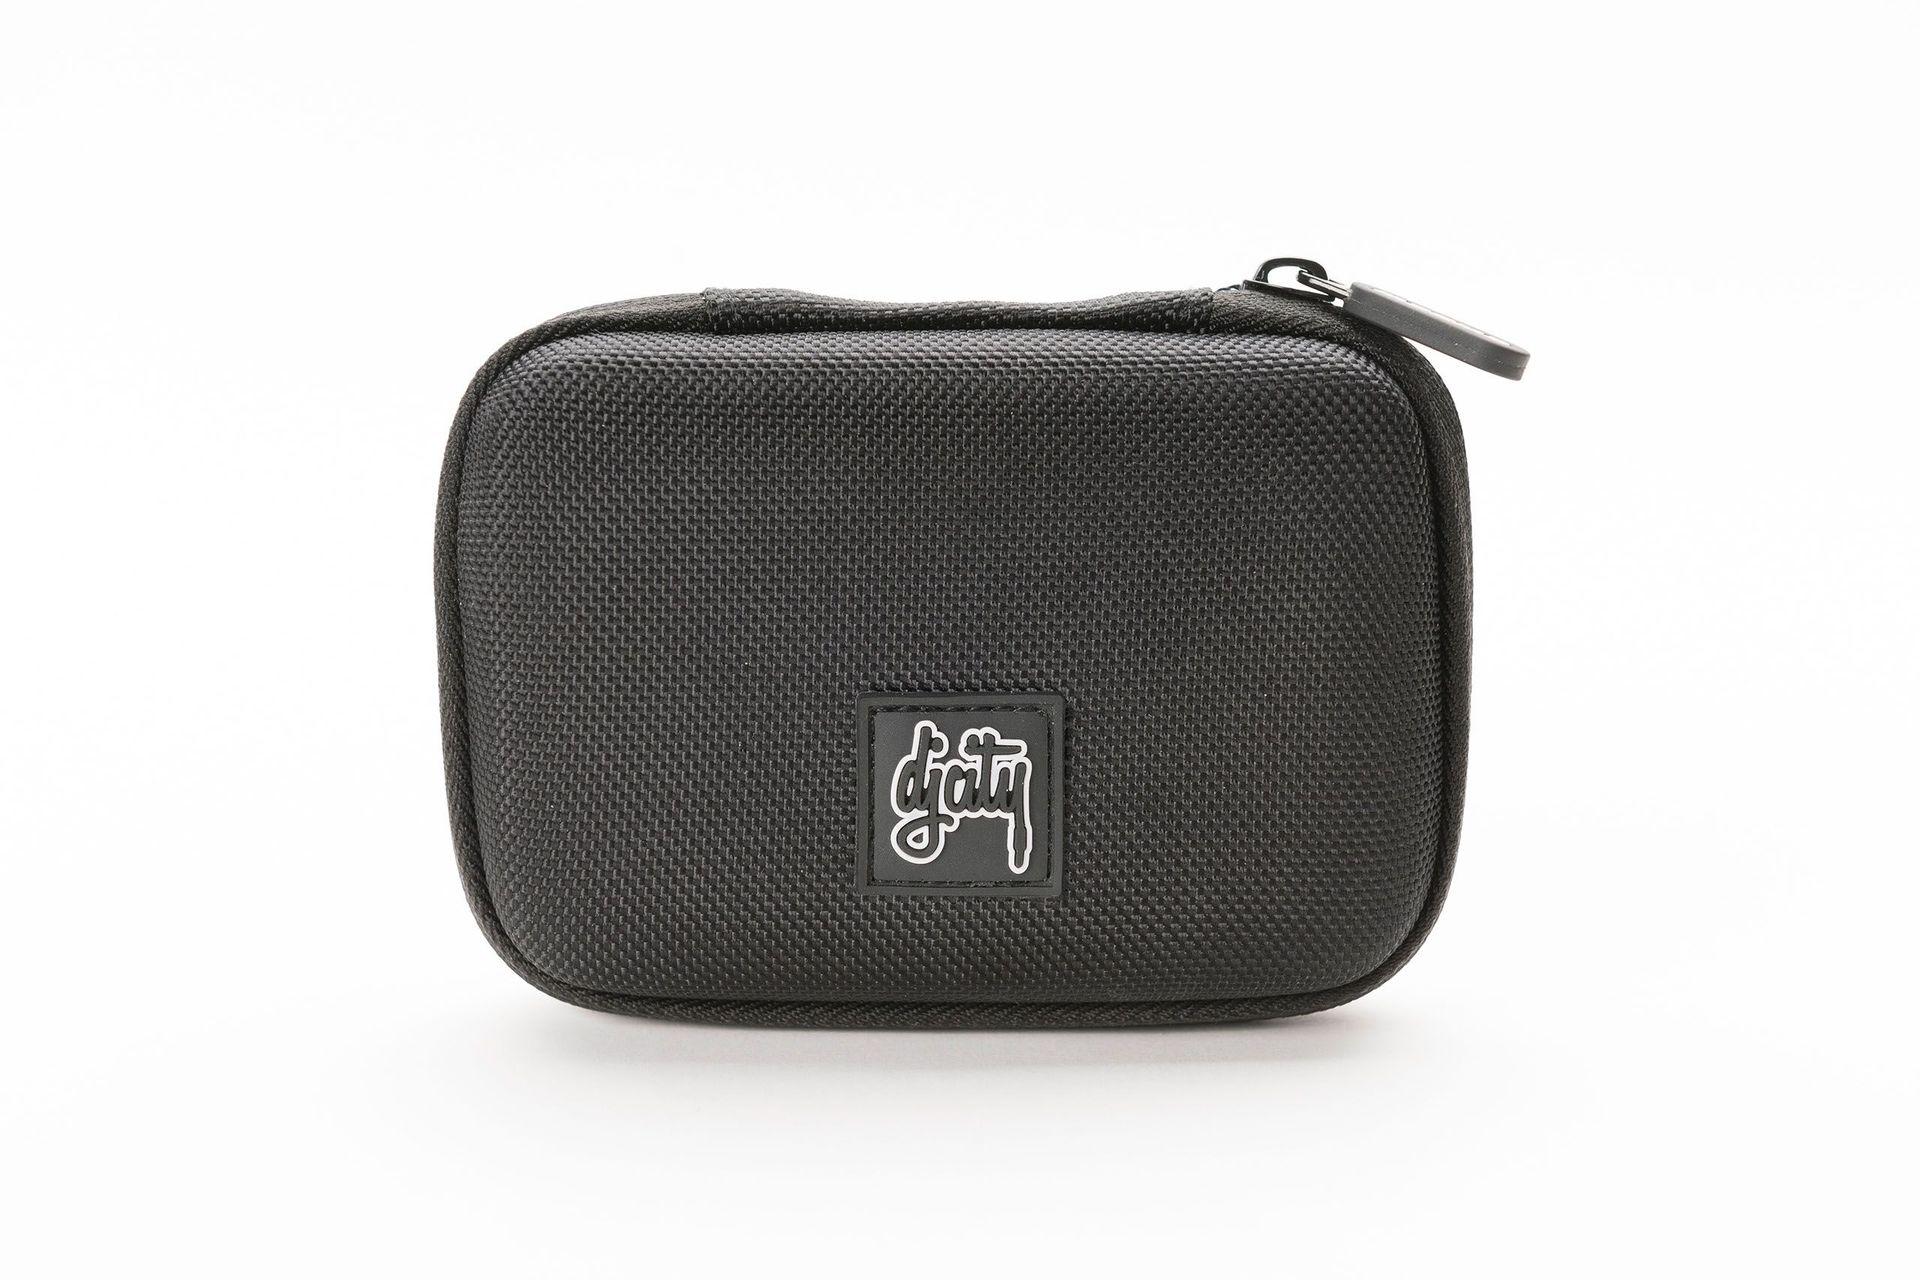 Magma USB Stick-Case DJCity, Tasche für USB Sticks und SD Speicherkarten